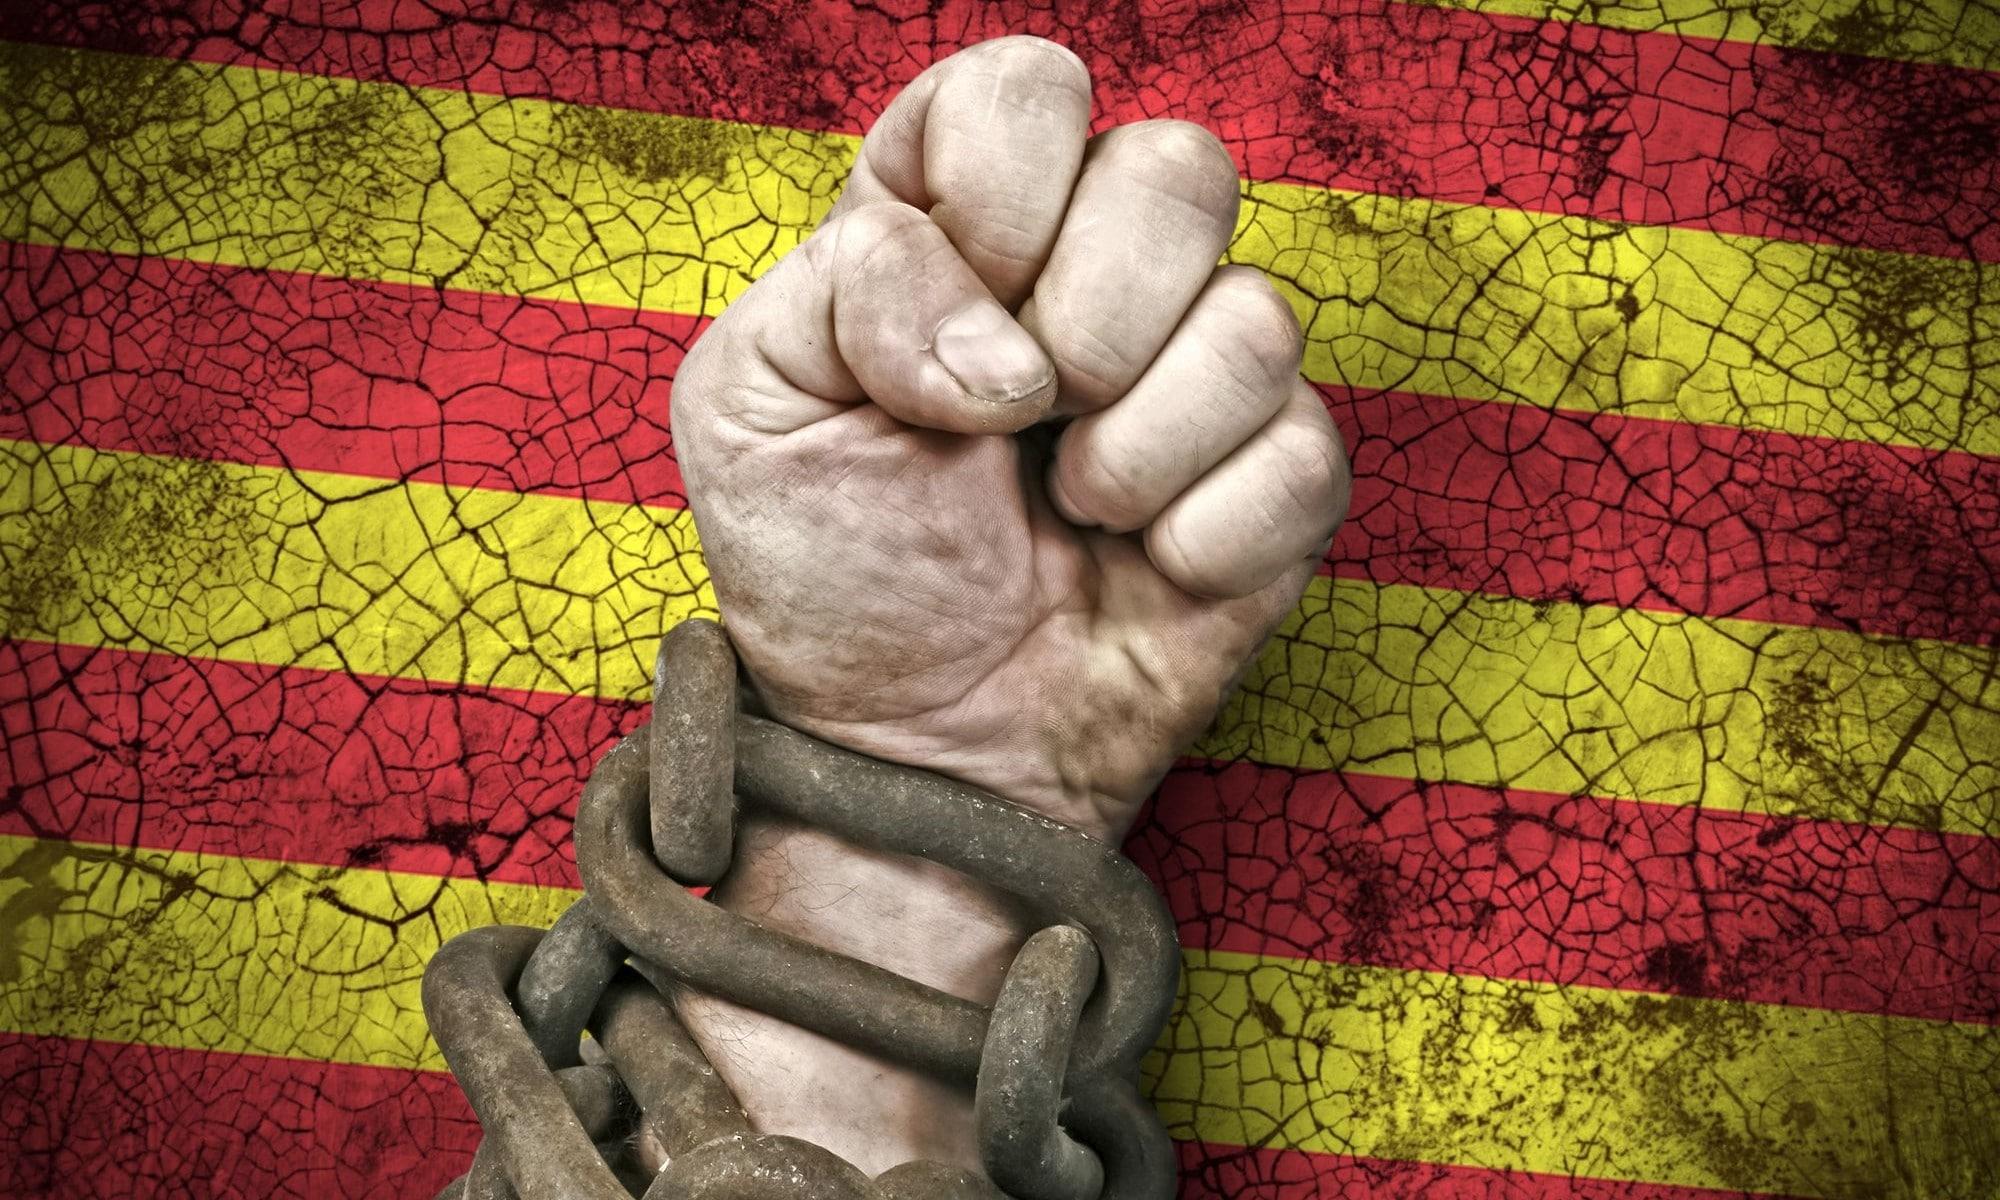 Puño encadenado sobre la bandera de Cataluña